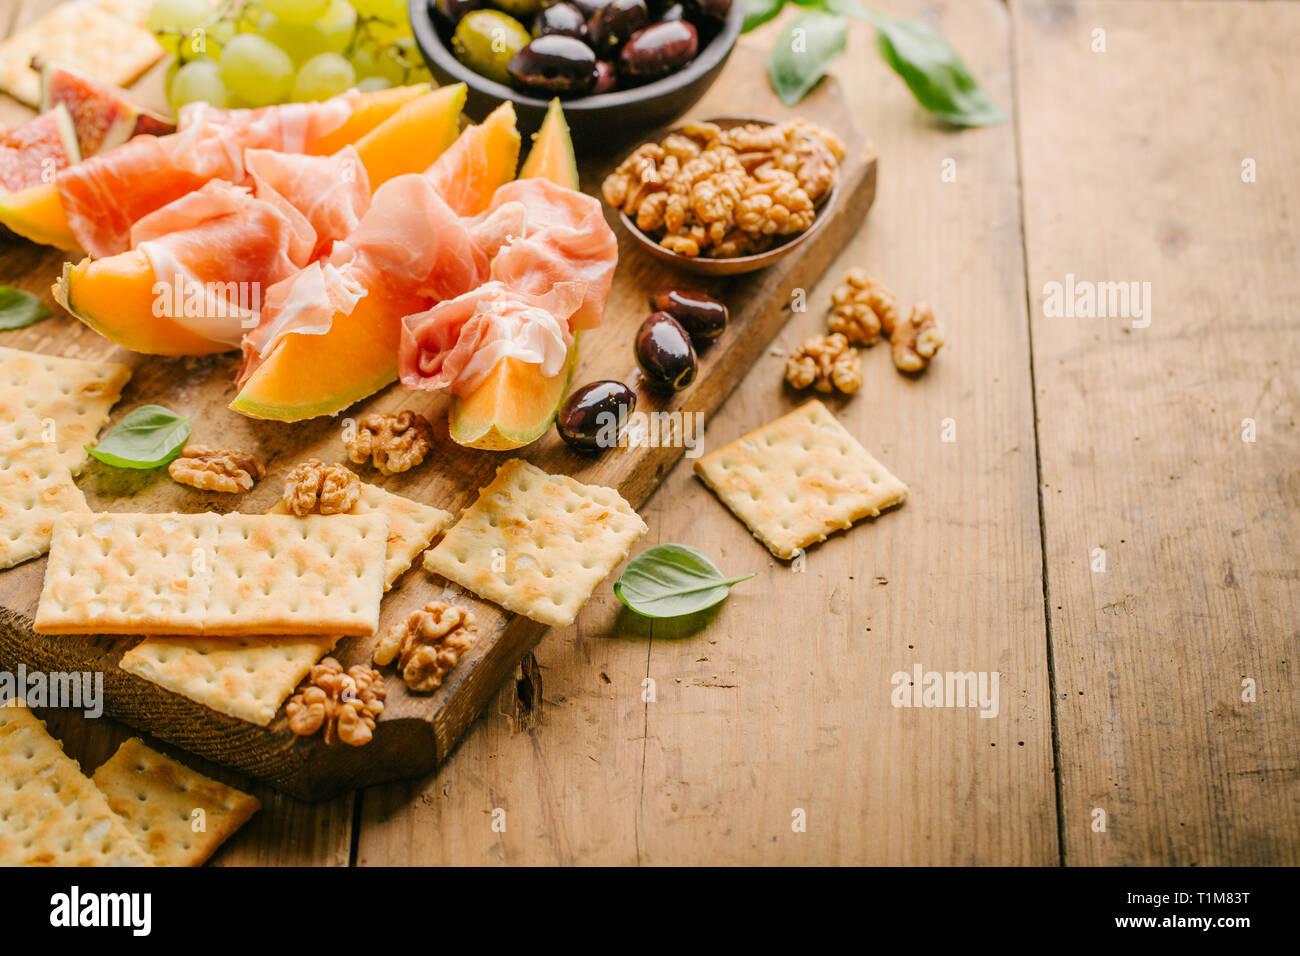 Sabrosos aperitivos mediterránea española sobre la antigua junta en vintage mesa de madera. Horizontal con espacio de copia. Closeup Foto de stock